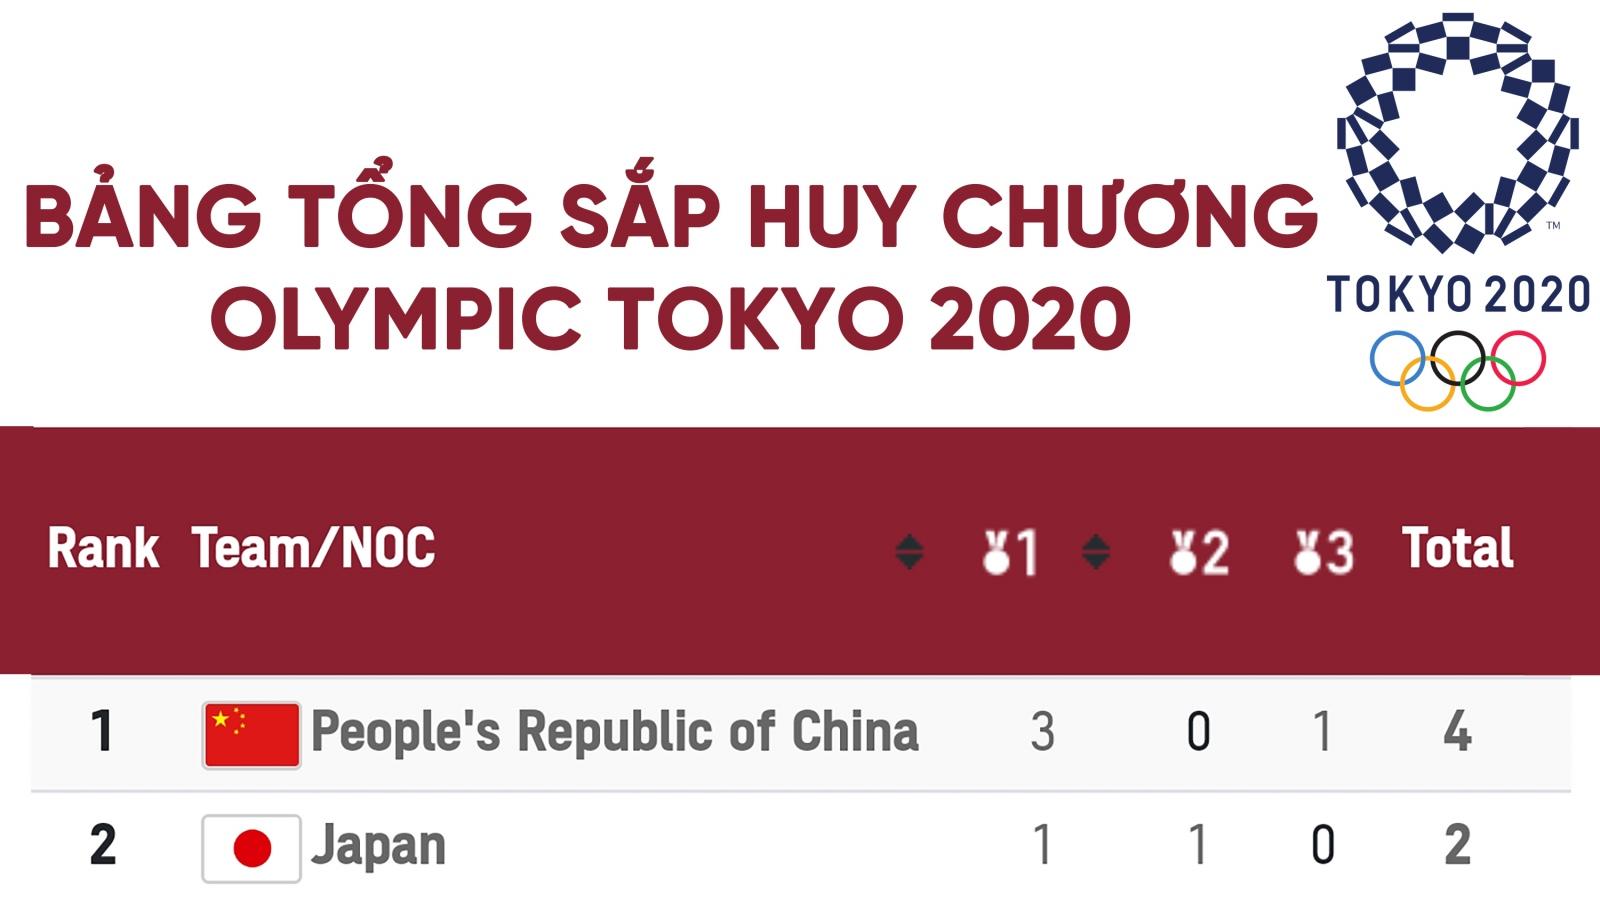 Bảng tổng sắp huy chương Olympic Tokyo ngày 29/7: Nhật Bản dẫn đầu, Trung Quốc qua mặt Mỹ